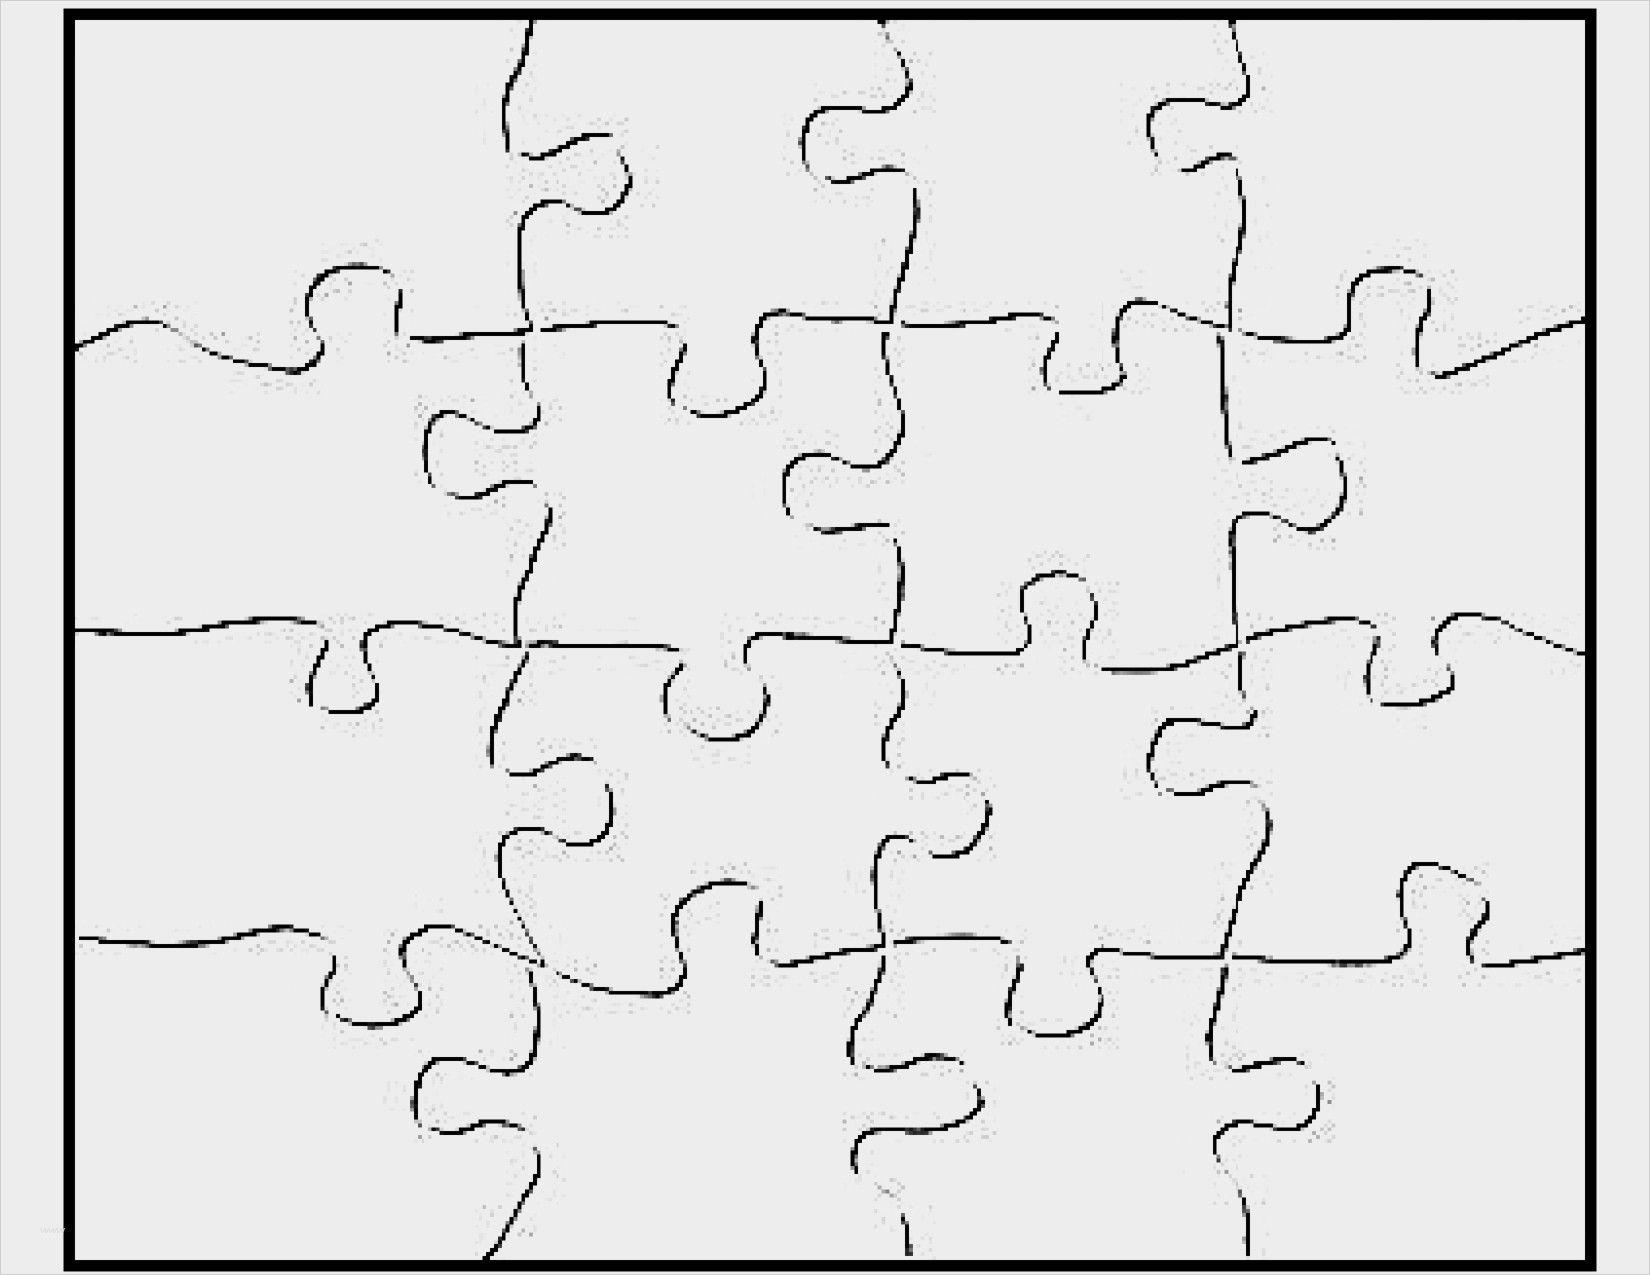 einzigartig puzzleteilvorlage malvorlagen